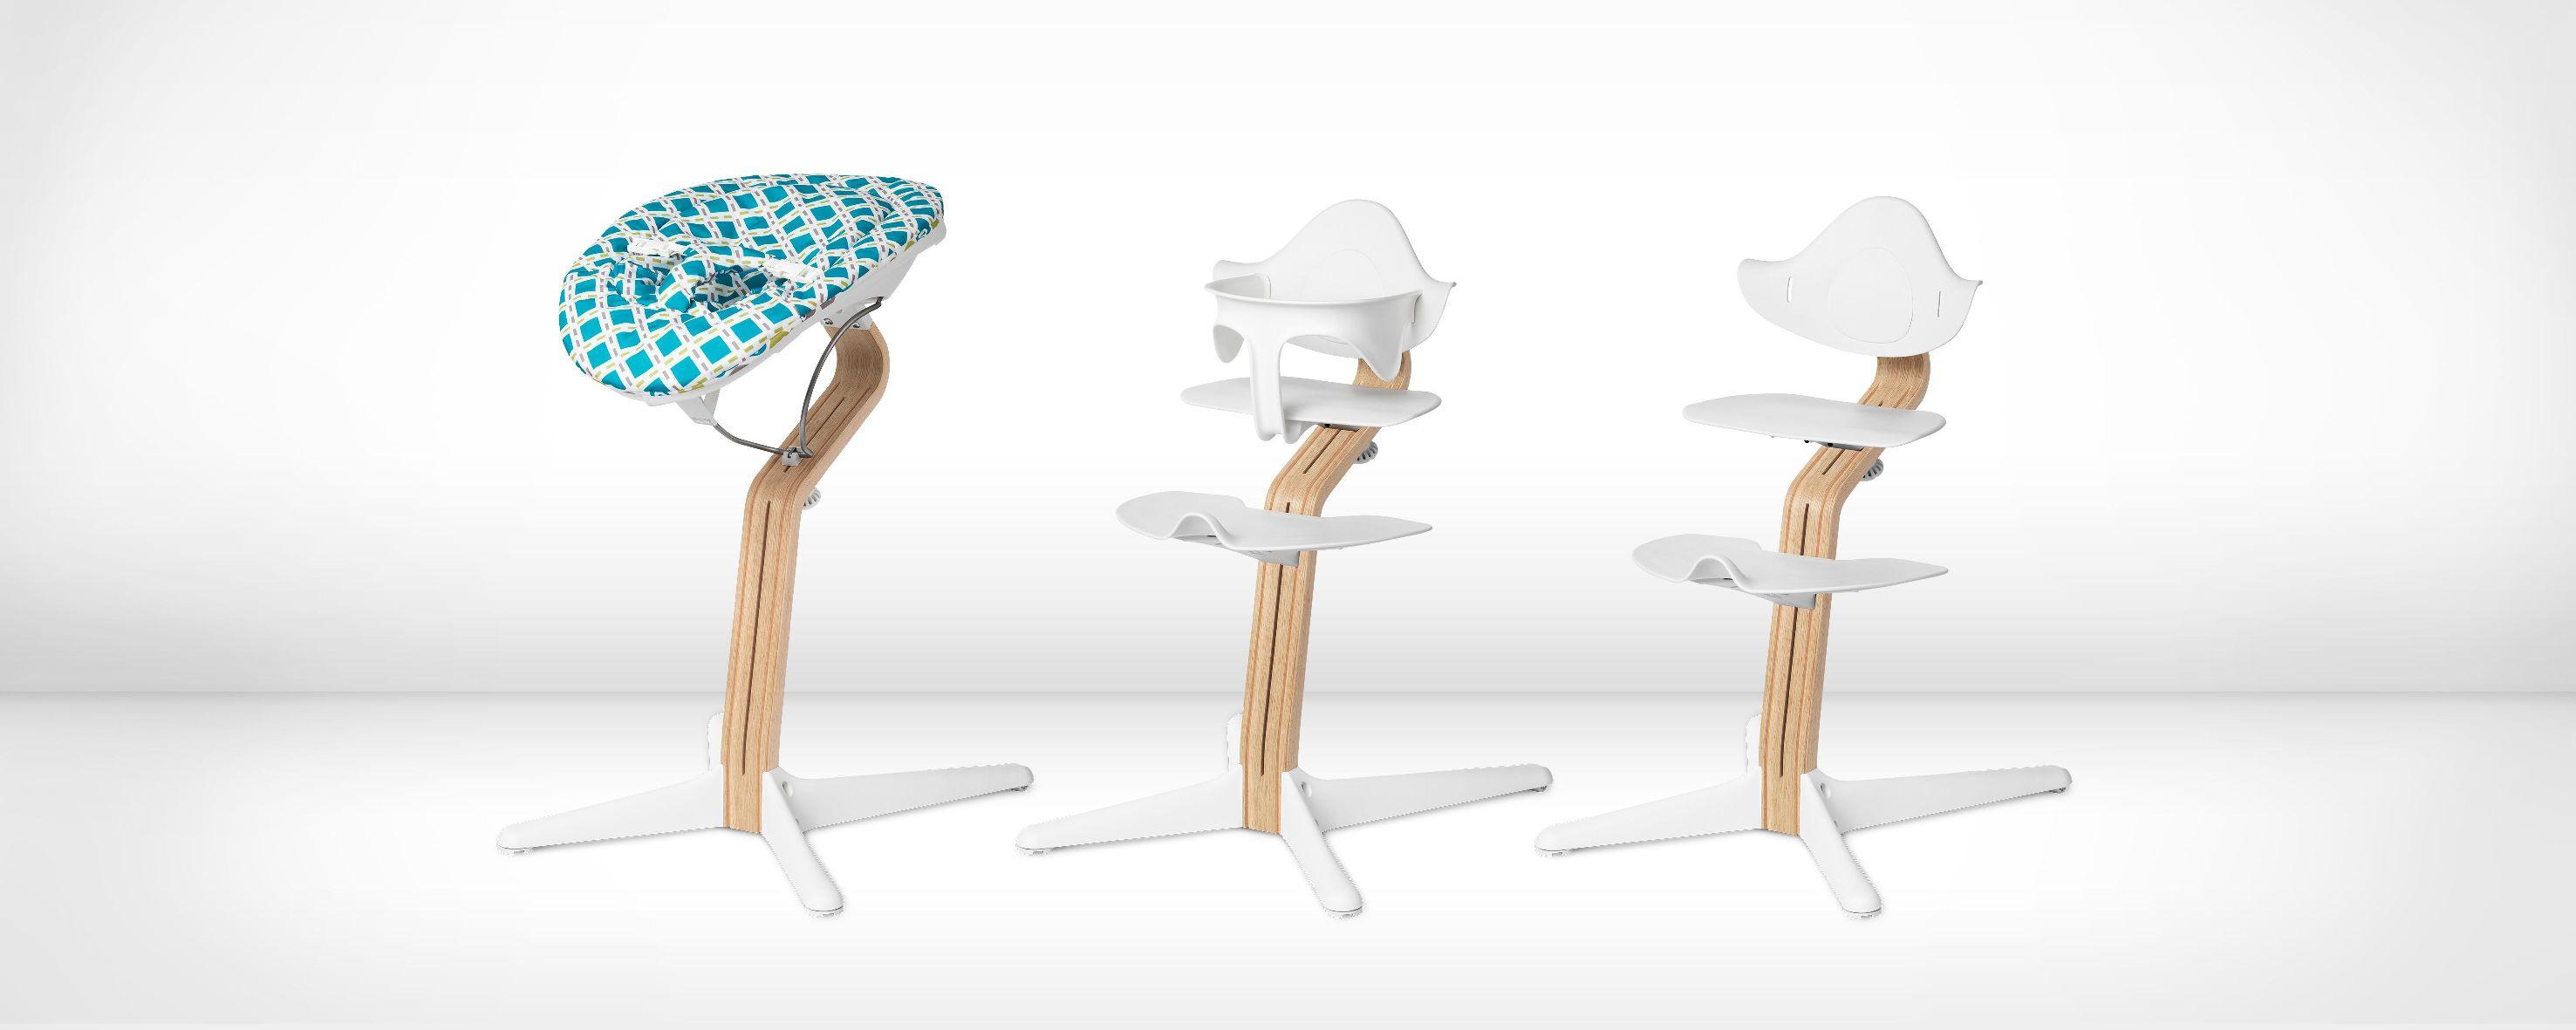 Kinderstuhl Design stil neuer kinder hochstuhl dem erfinder des tripp trapp